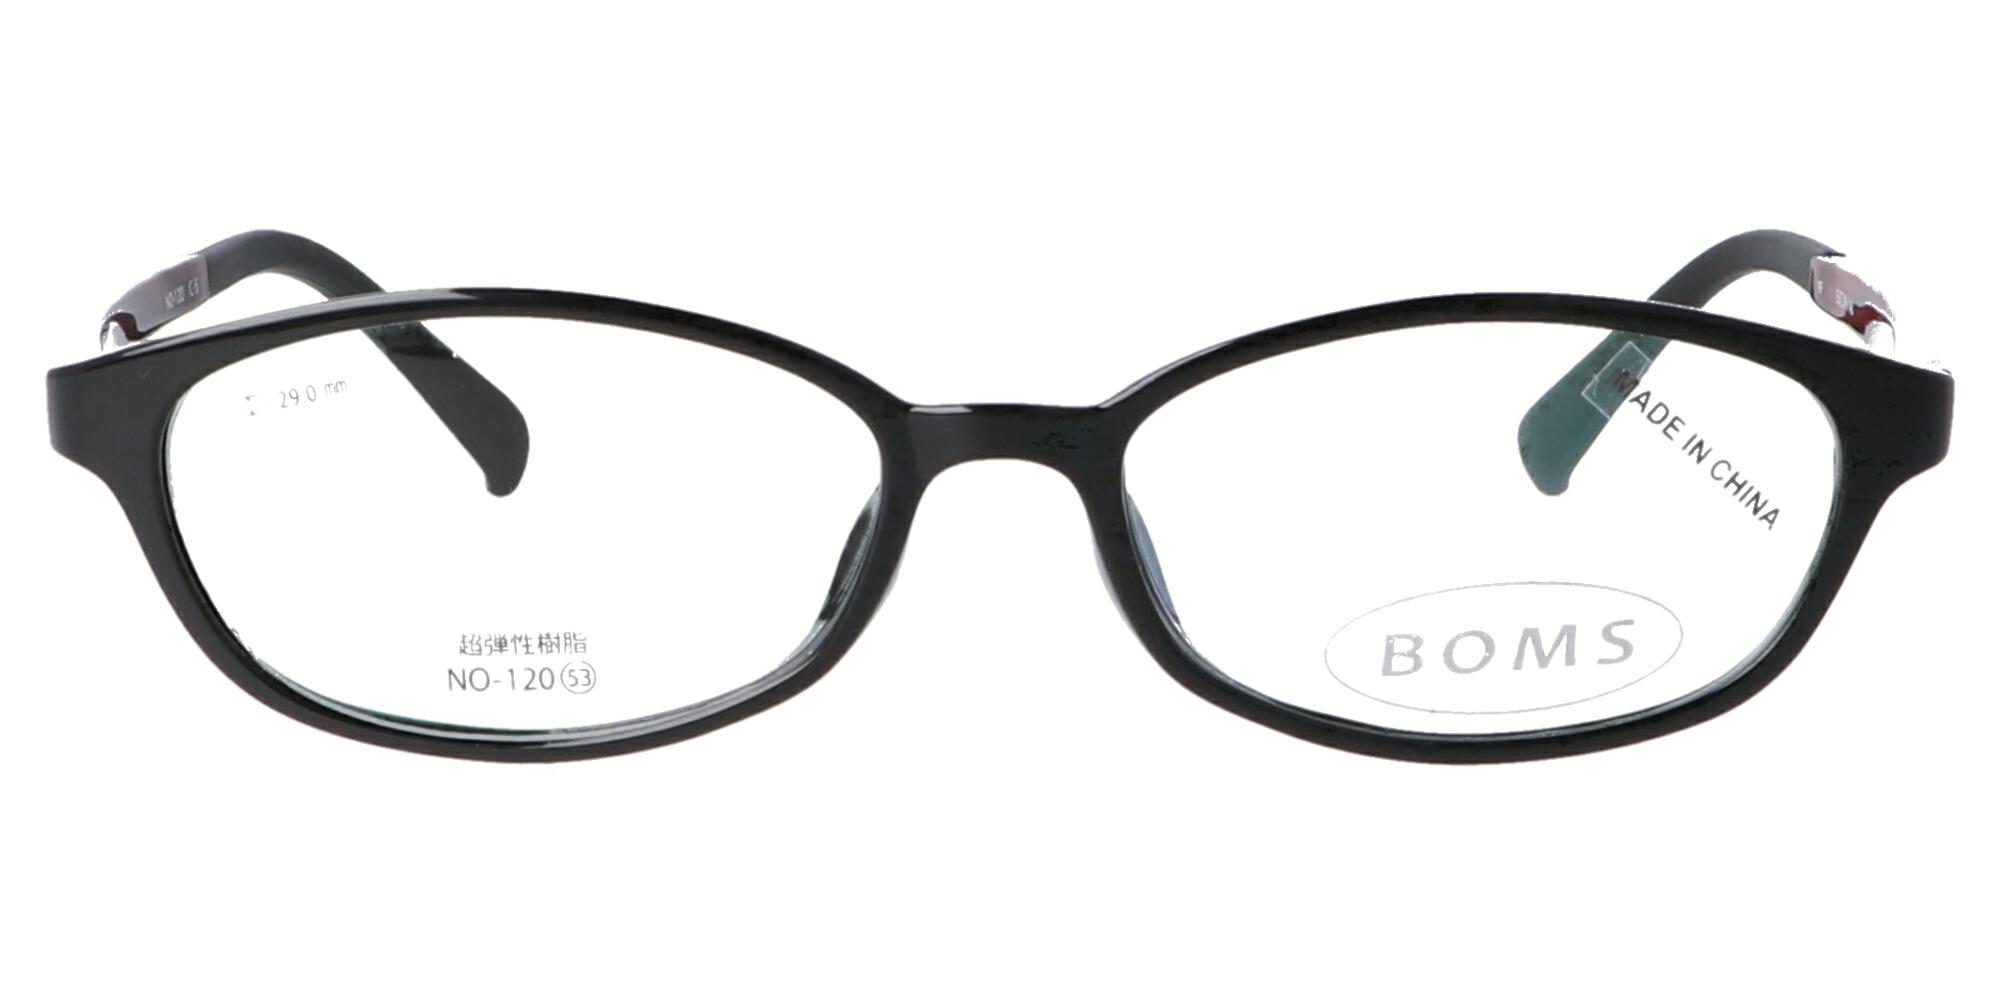 ボンズ NO120_53_ブラック